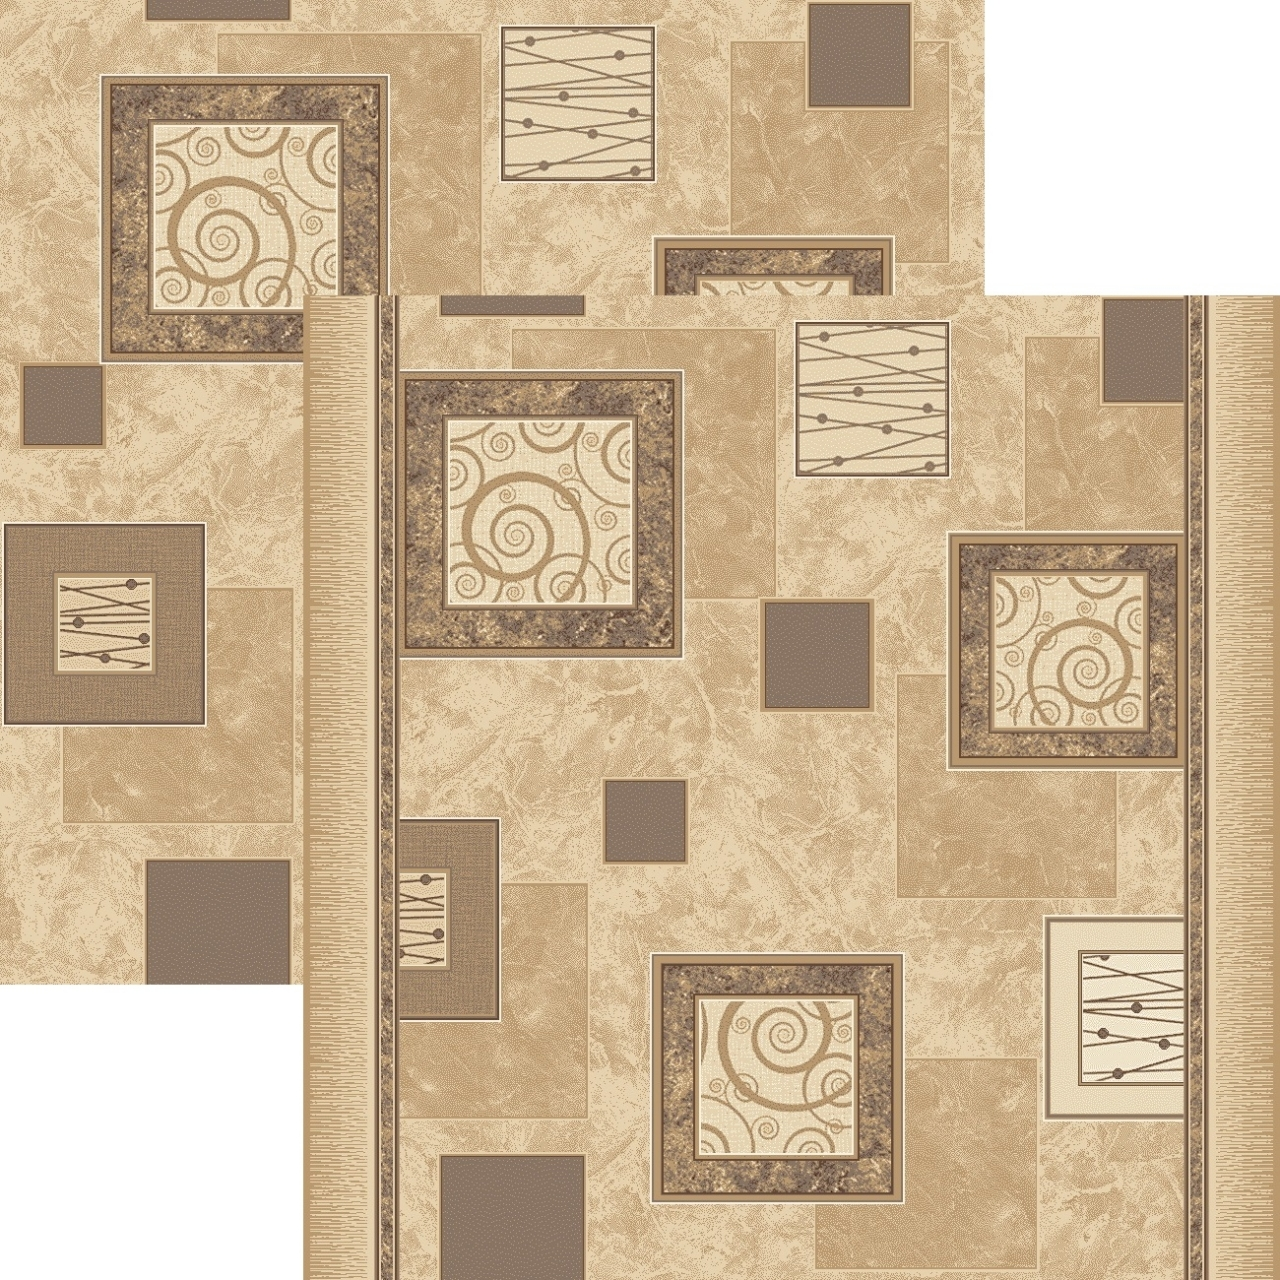 Ковровая дорожка p1563a5p - 103 - коллекция принт 8-ми цветное полотно - фото 1